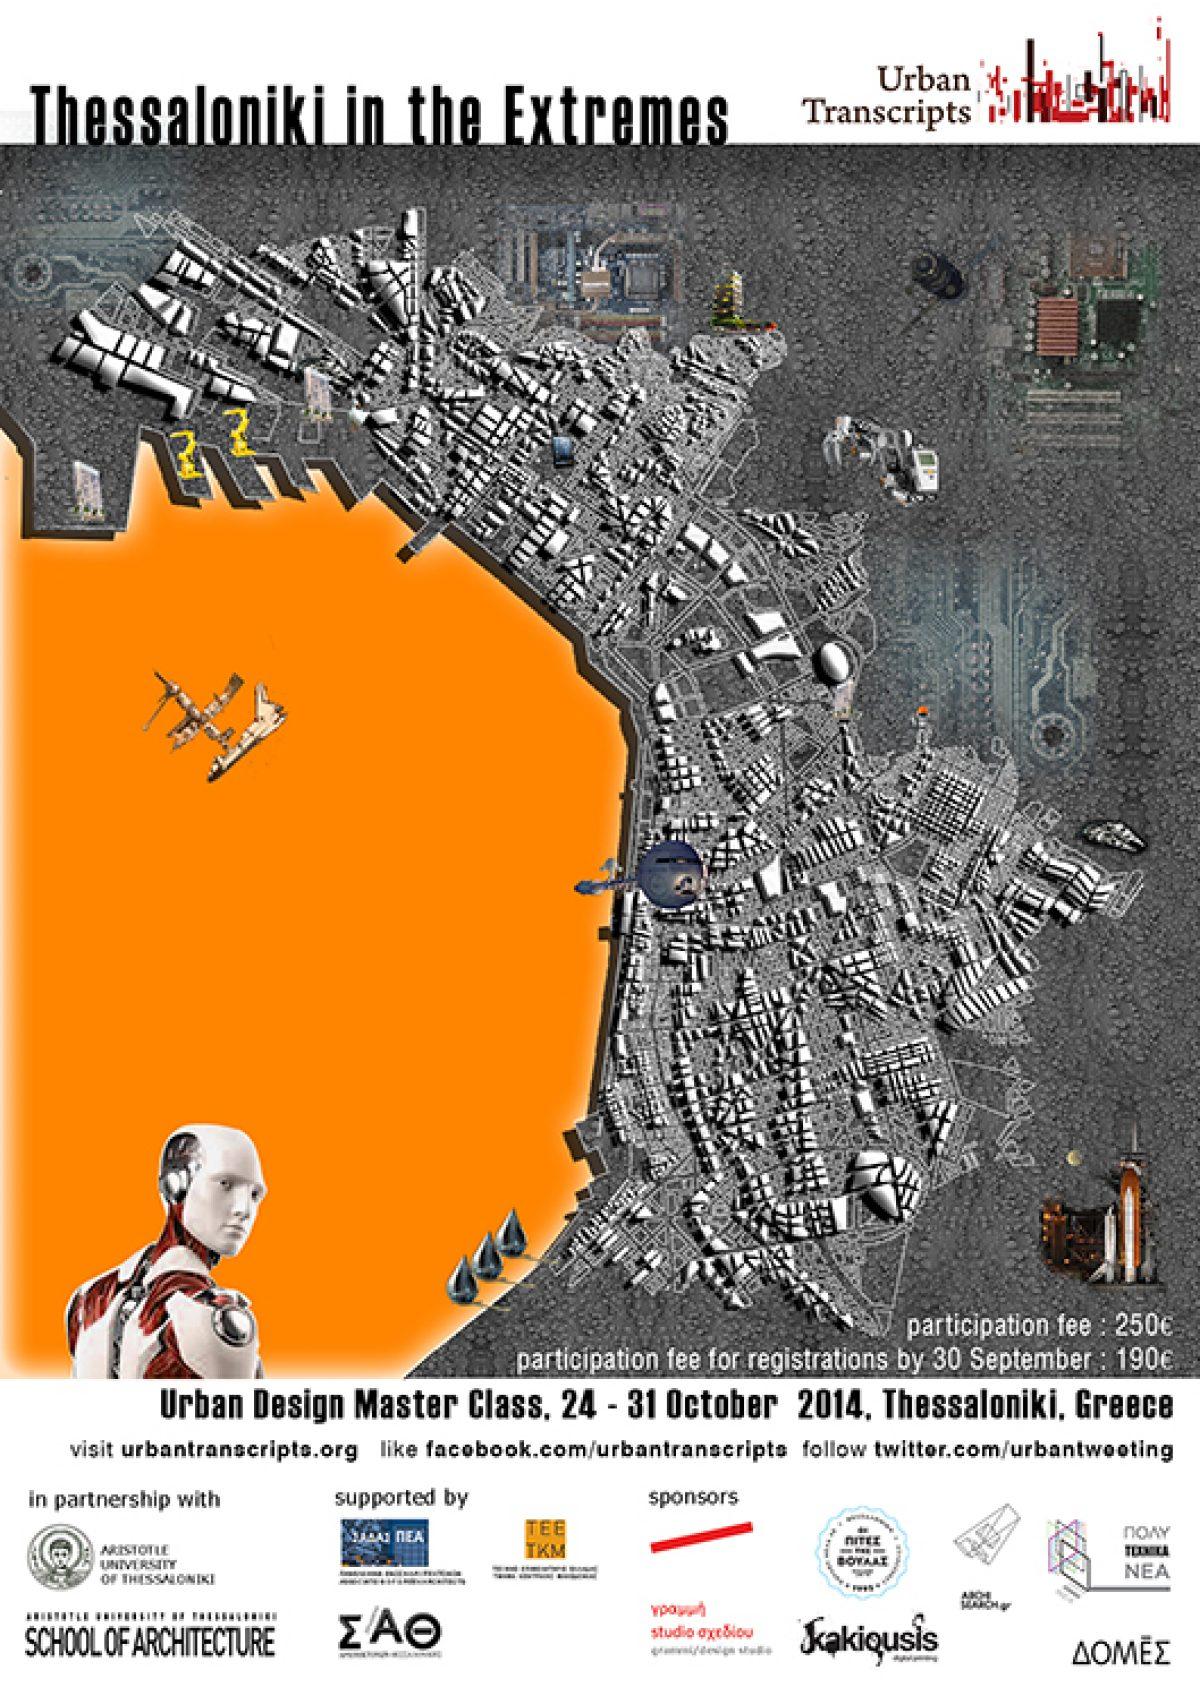 """Διεθνές εργαστήριο αστικού σχεδιασμού """"Thessaloniki in the Extremes"""", 31 Οκτωβρίου 2014, Θεσσαλονίκη"""